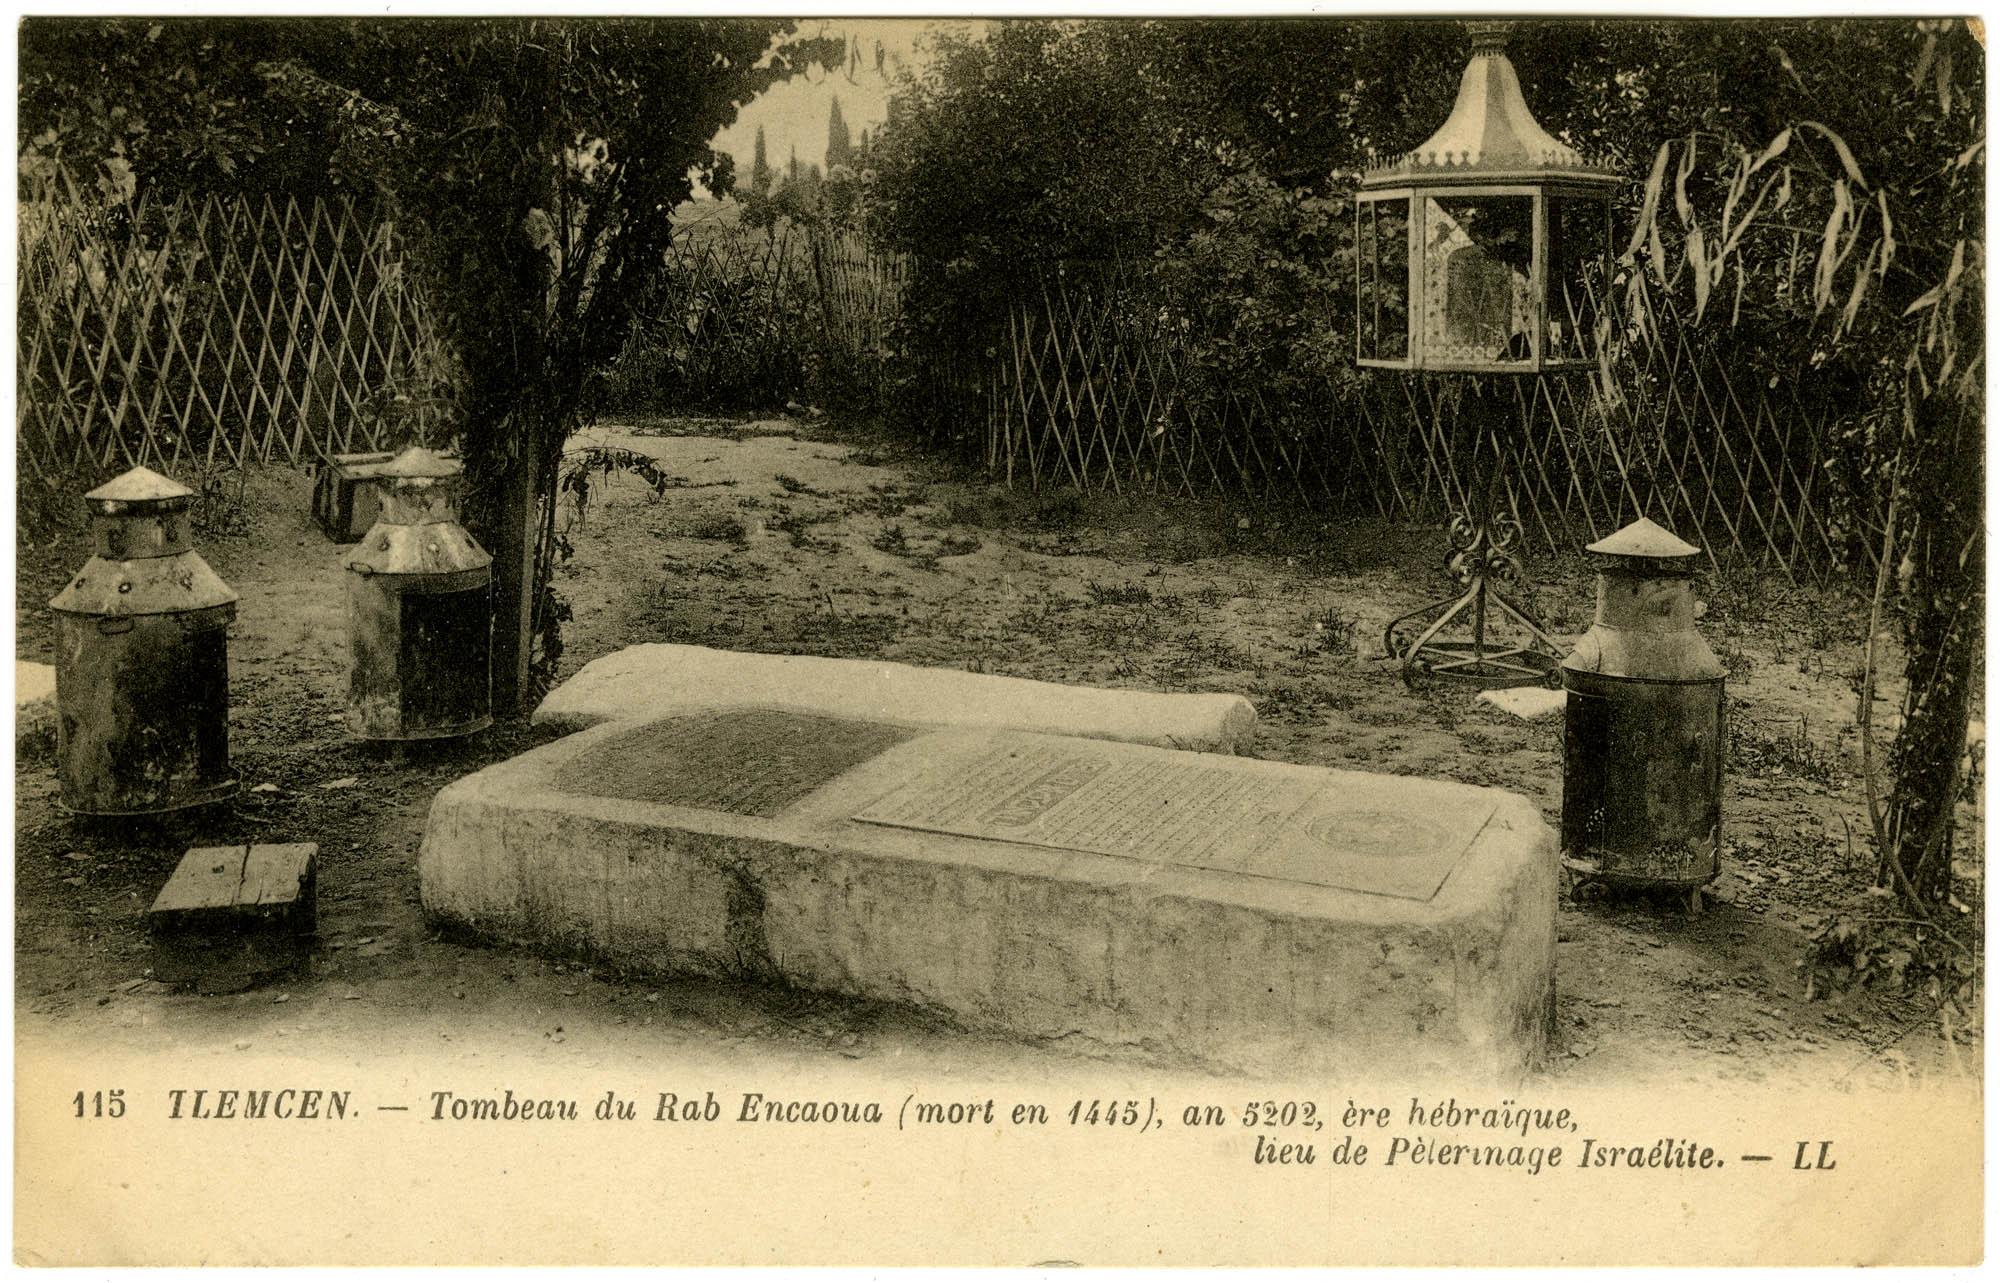 Tlemcen. - Tombeau du Rab Encaoua (mort en 1445), an 5202, ère hébraïque, lieu de Pèlerinage Israélite.